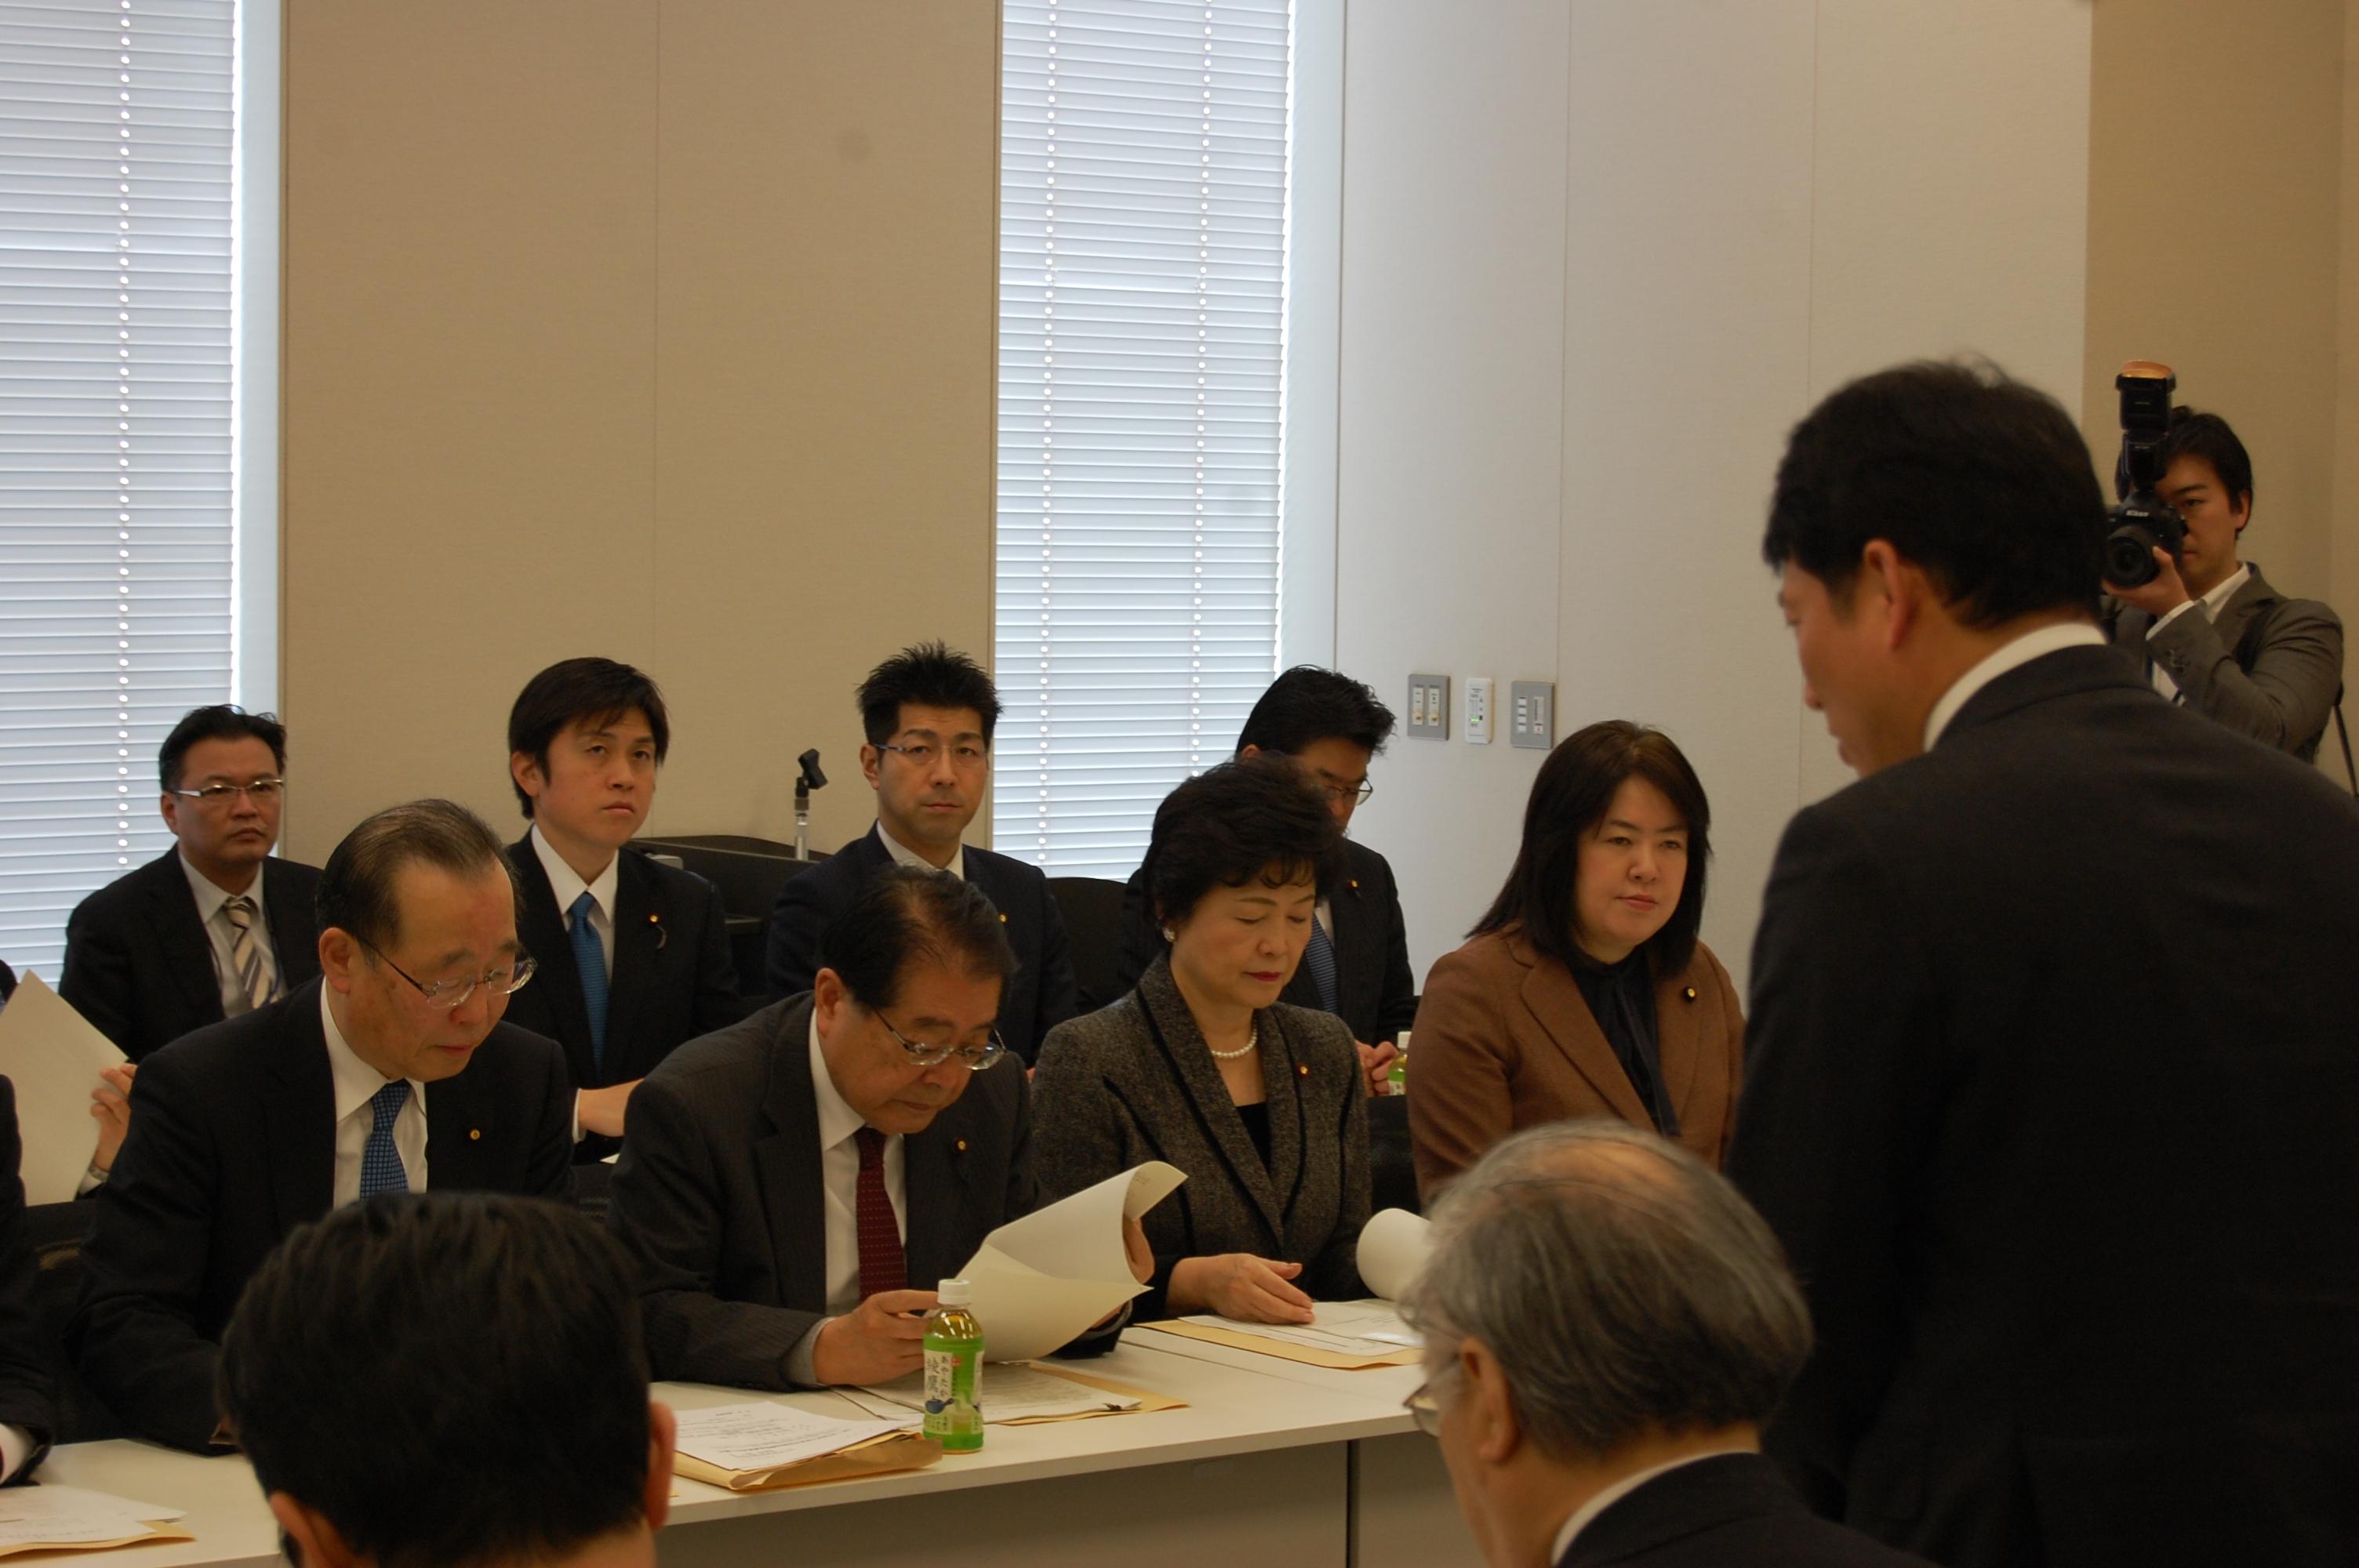 国家公務員再就職問題調査委員会を開催